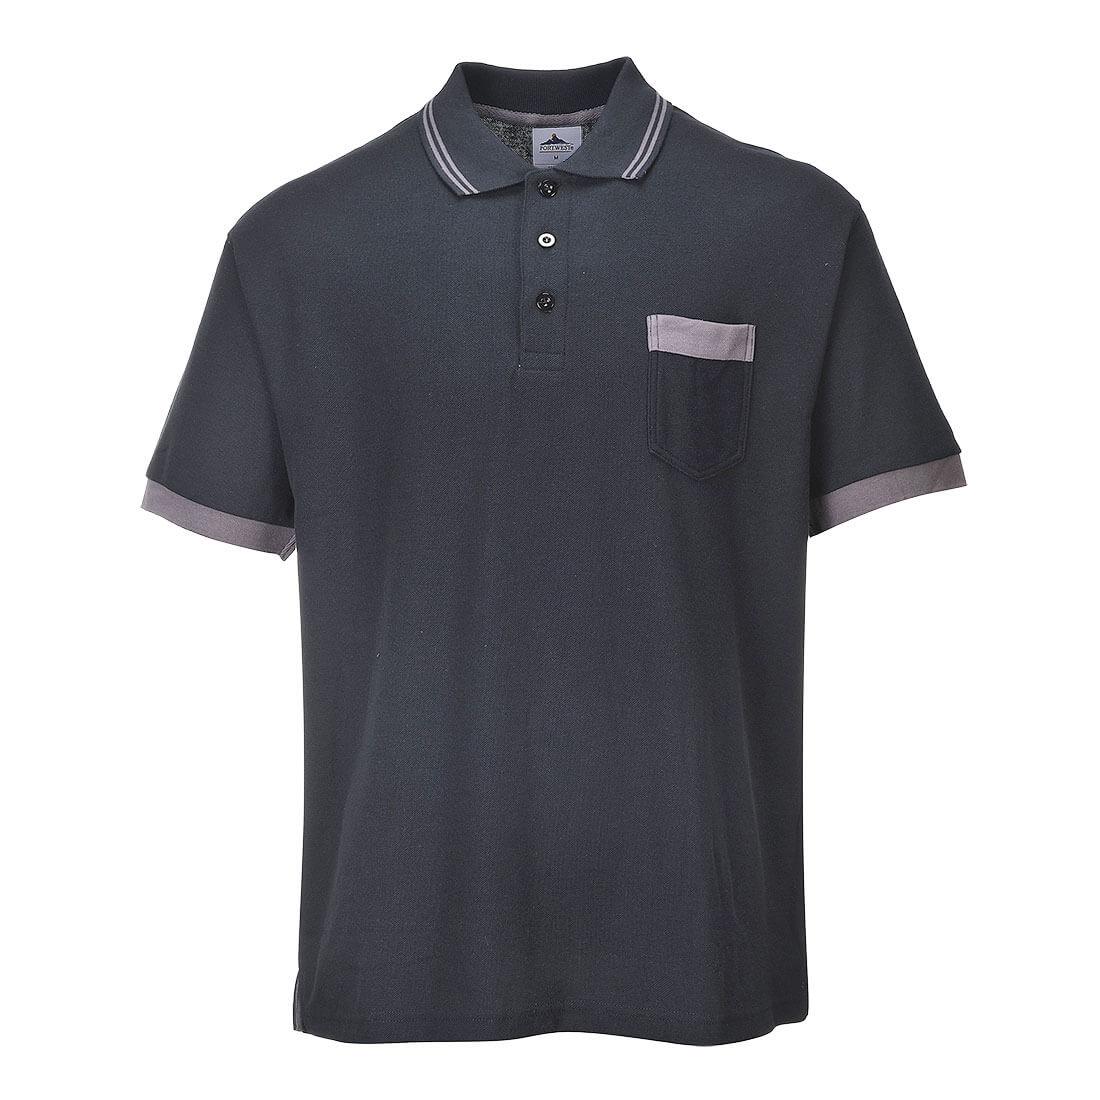 Portwest Mens Texo Contrast Polo Shirt Black M